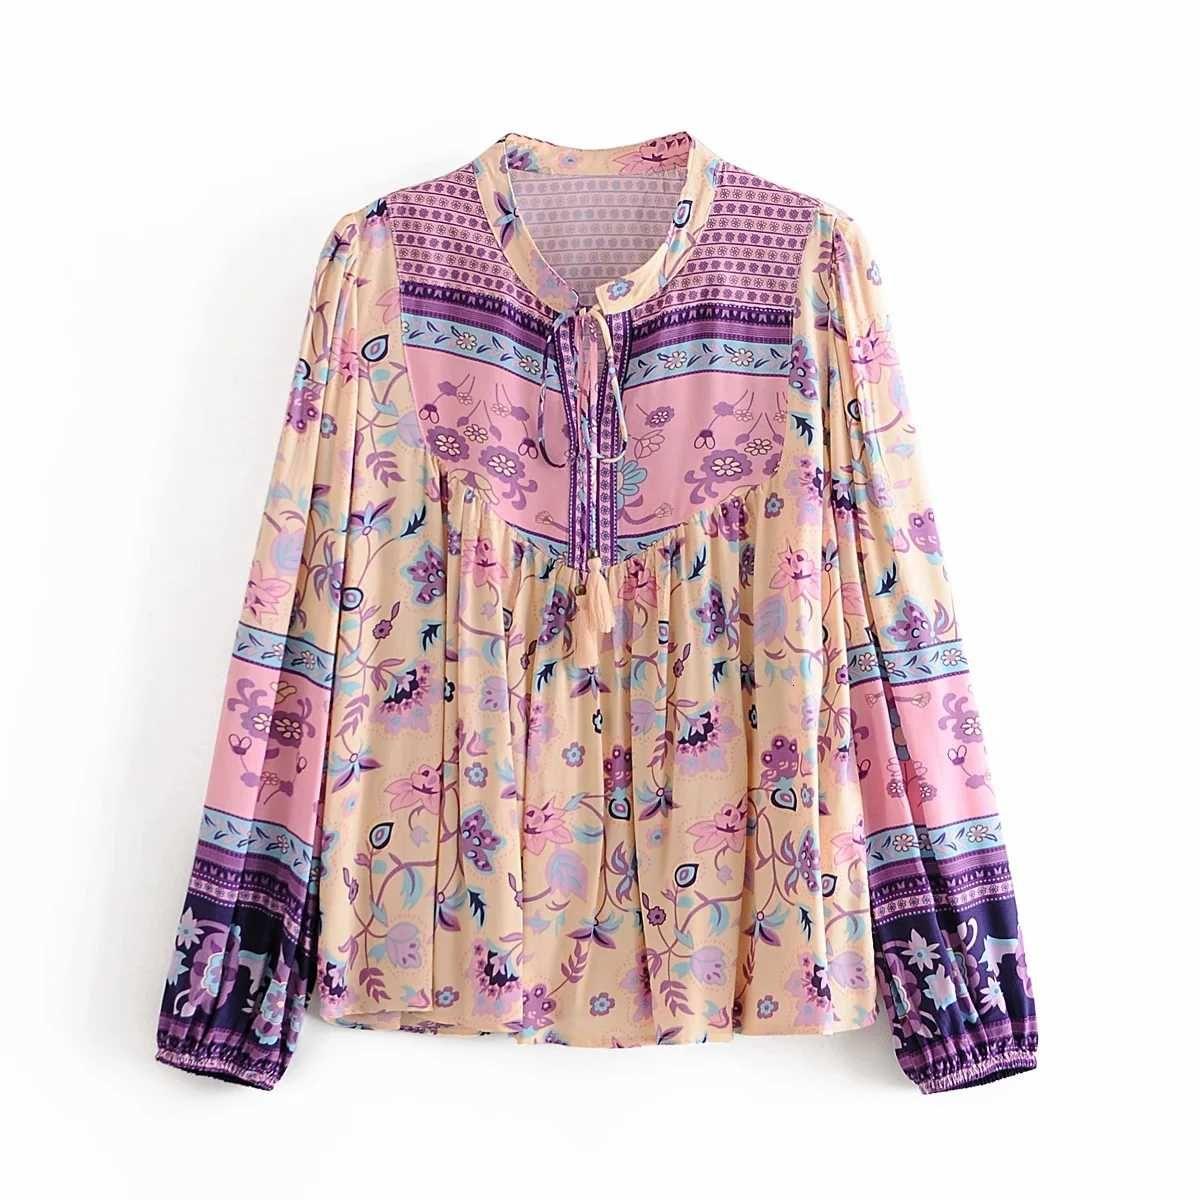 2020 Frauen Blusen Herbst Neue Frauen Kleid Positionieren Druck Passende Farbe Quaste Kleine Hemd hohe Taille Schlanker Schnürrock